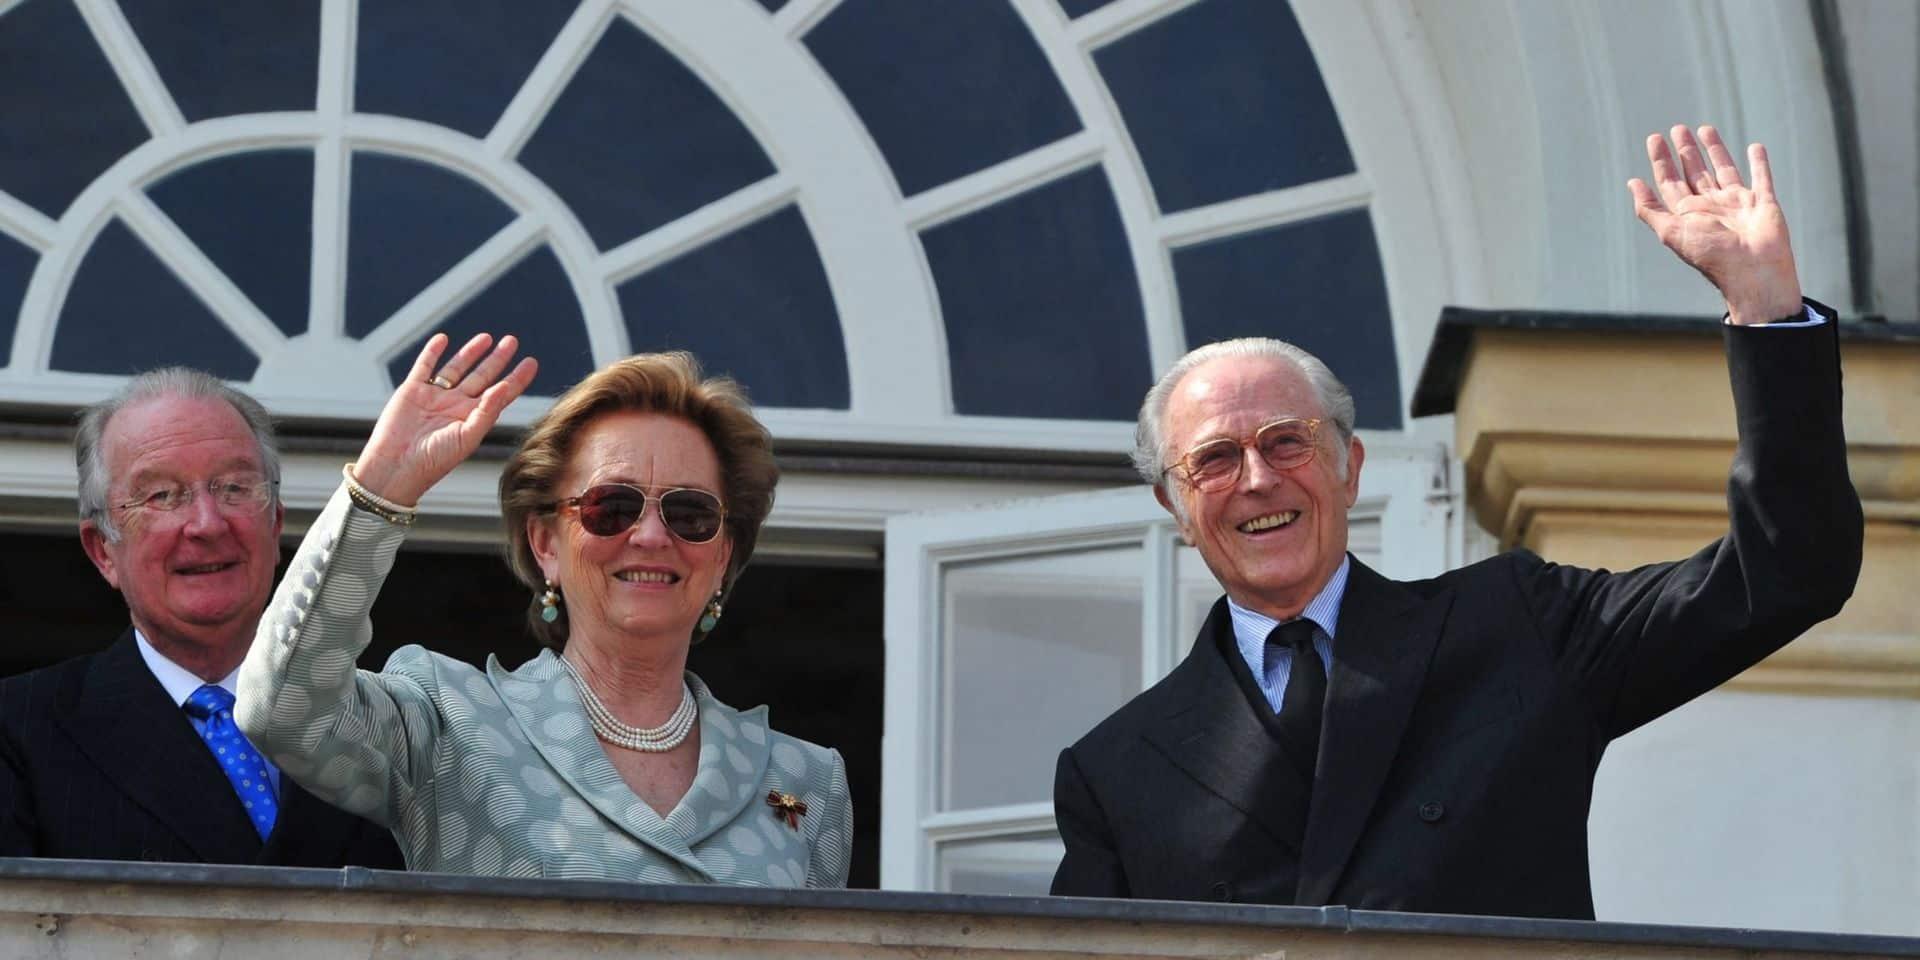 Le duc de Bavière, premier chef d'une maison royale à faire son coming out